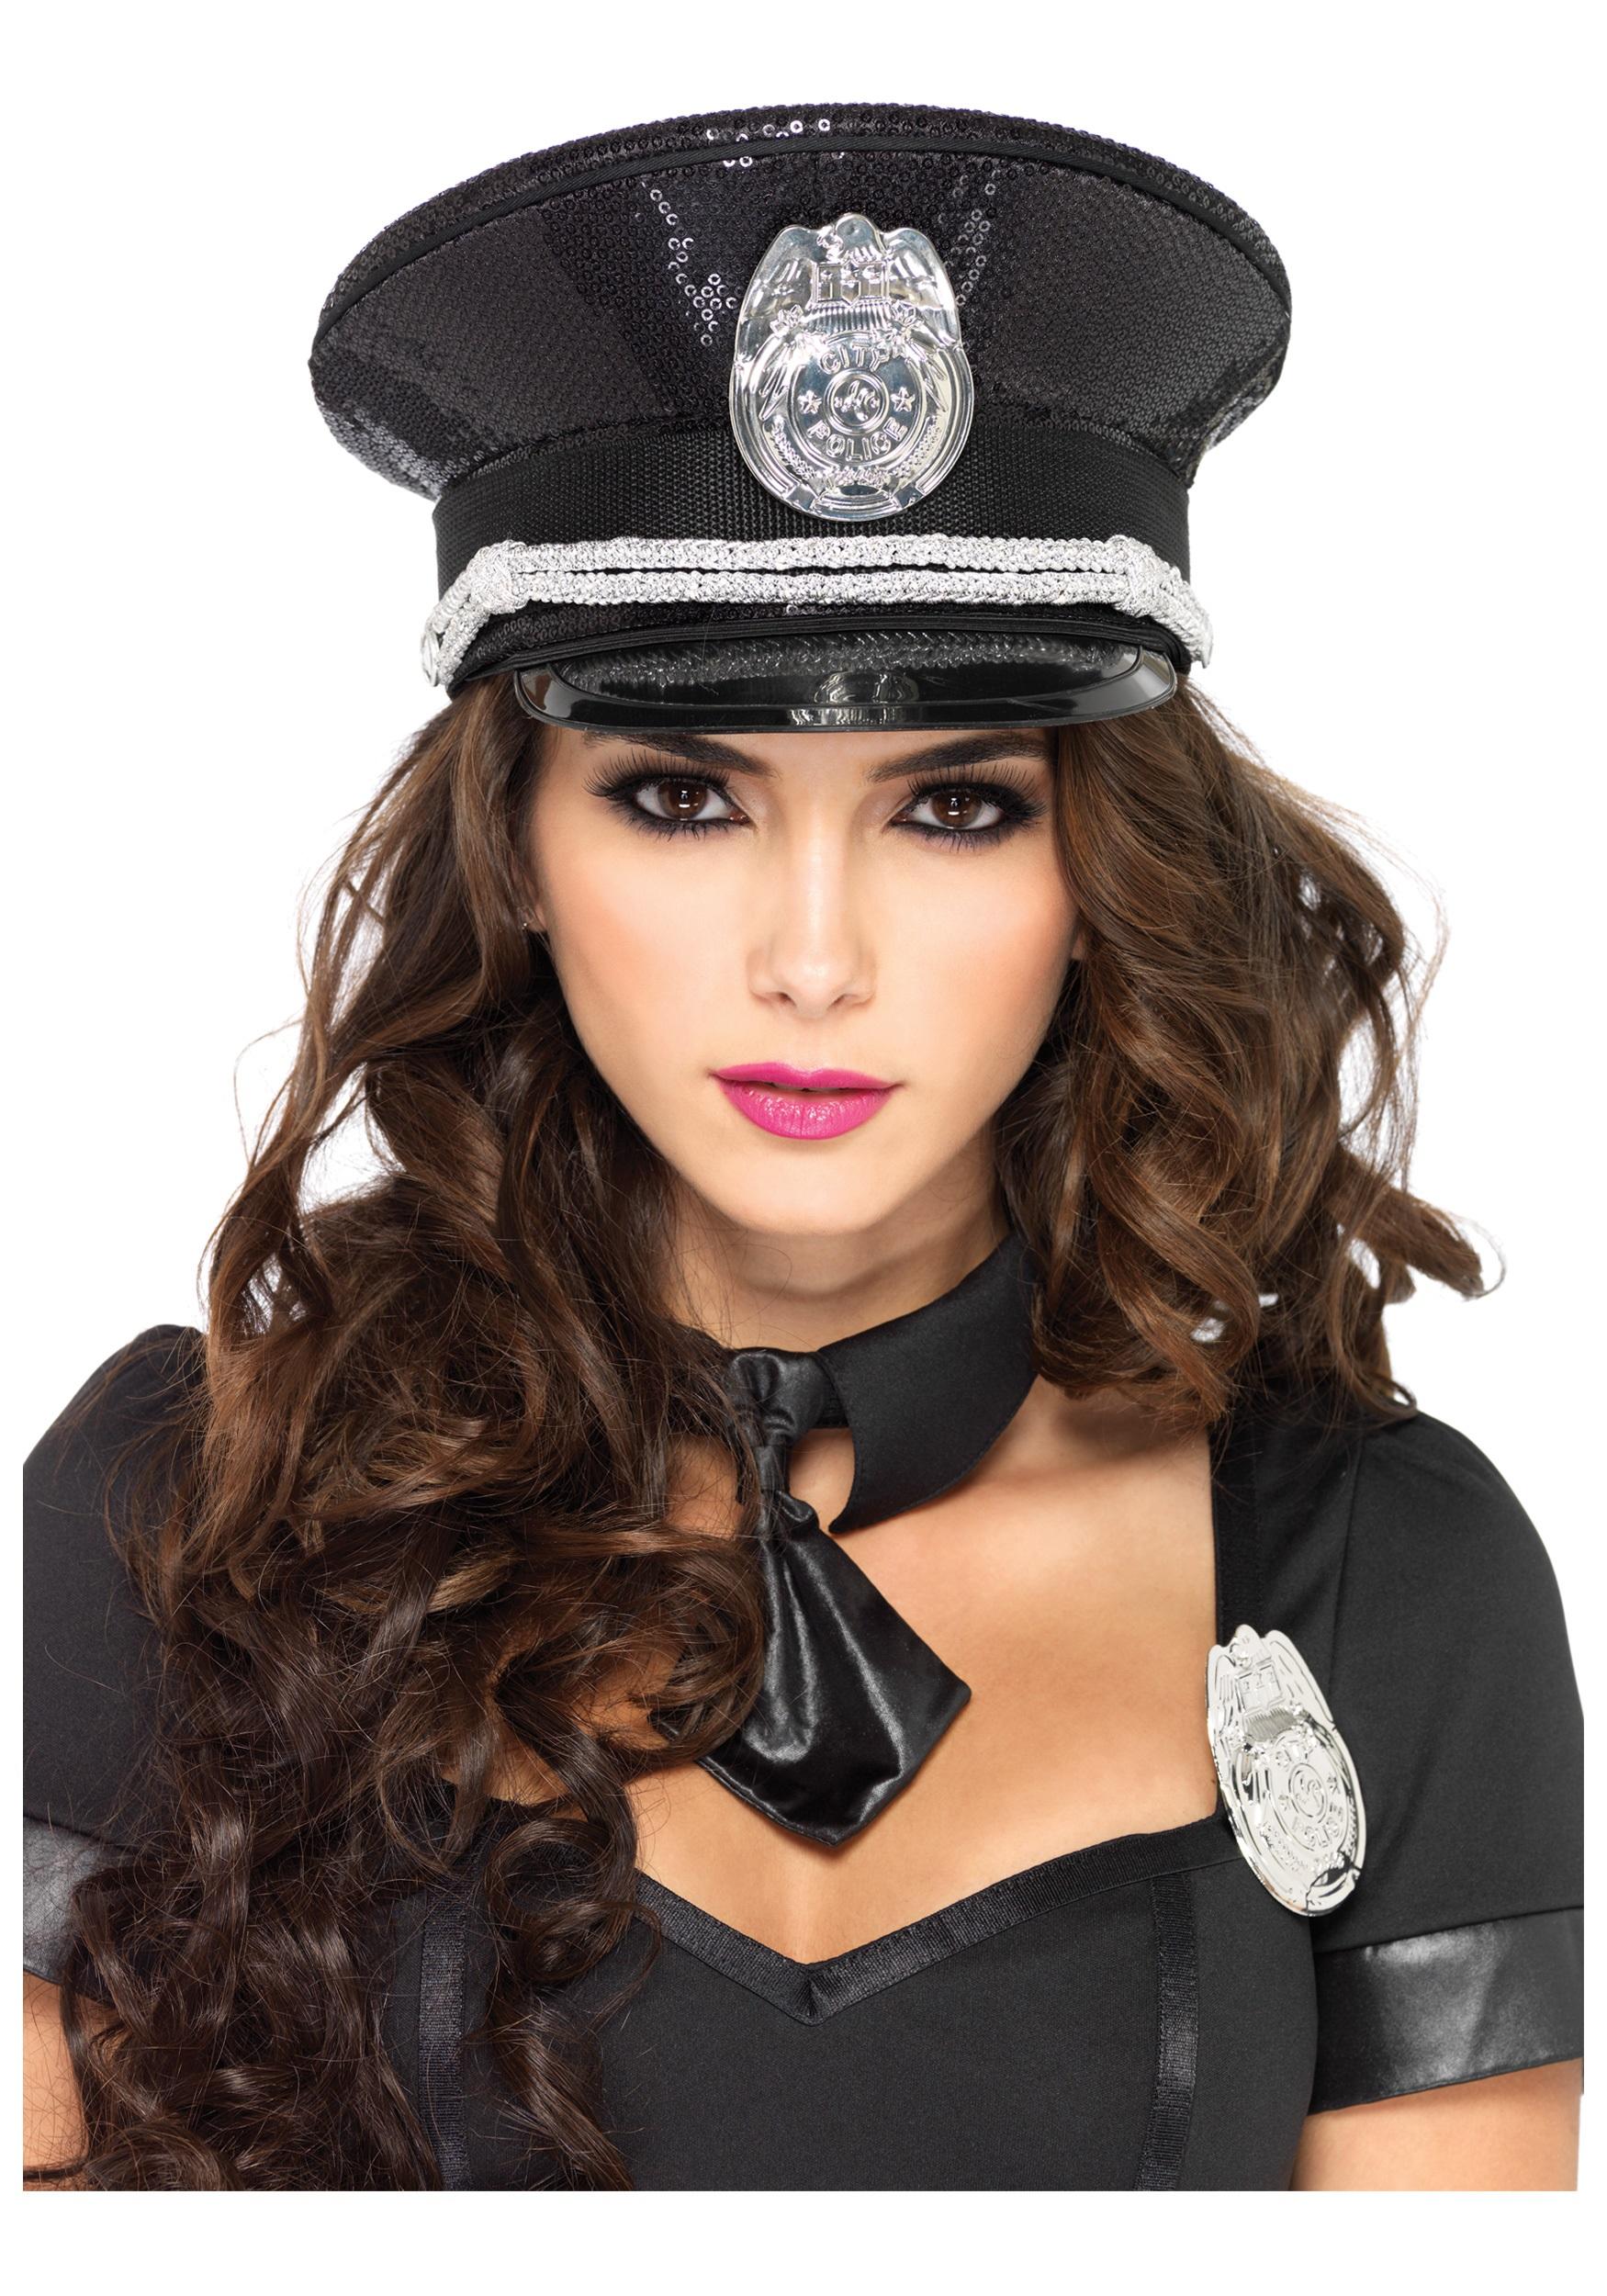 Sequin Cop Hat  sc 1 st  Halloween Costumes & Sequin Cop Hat - Halloween Costumes